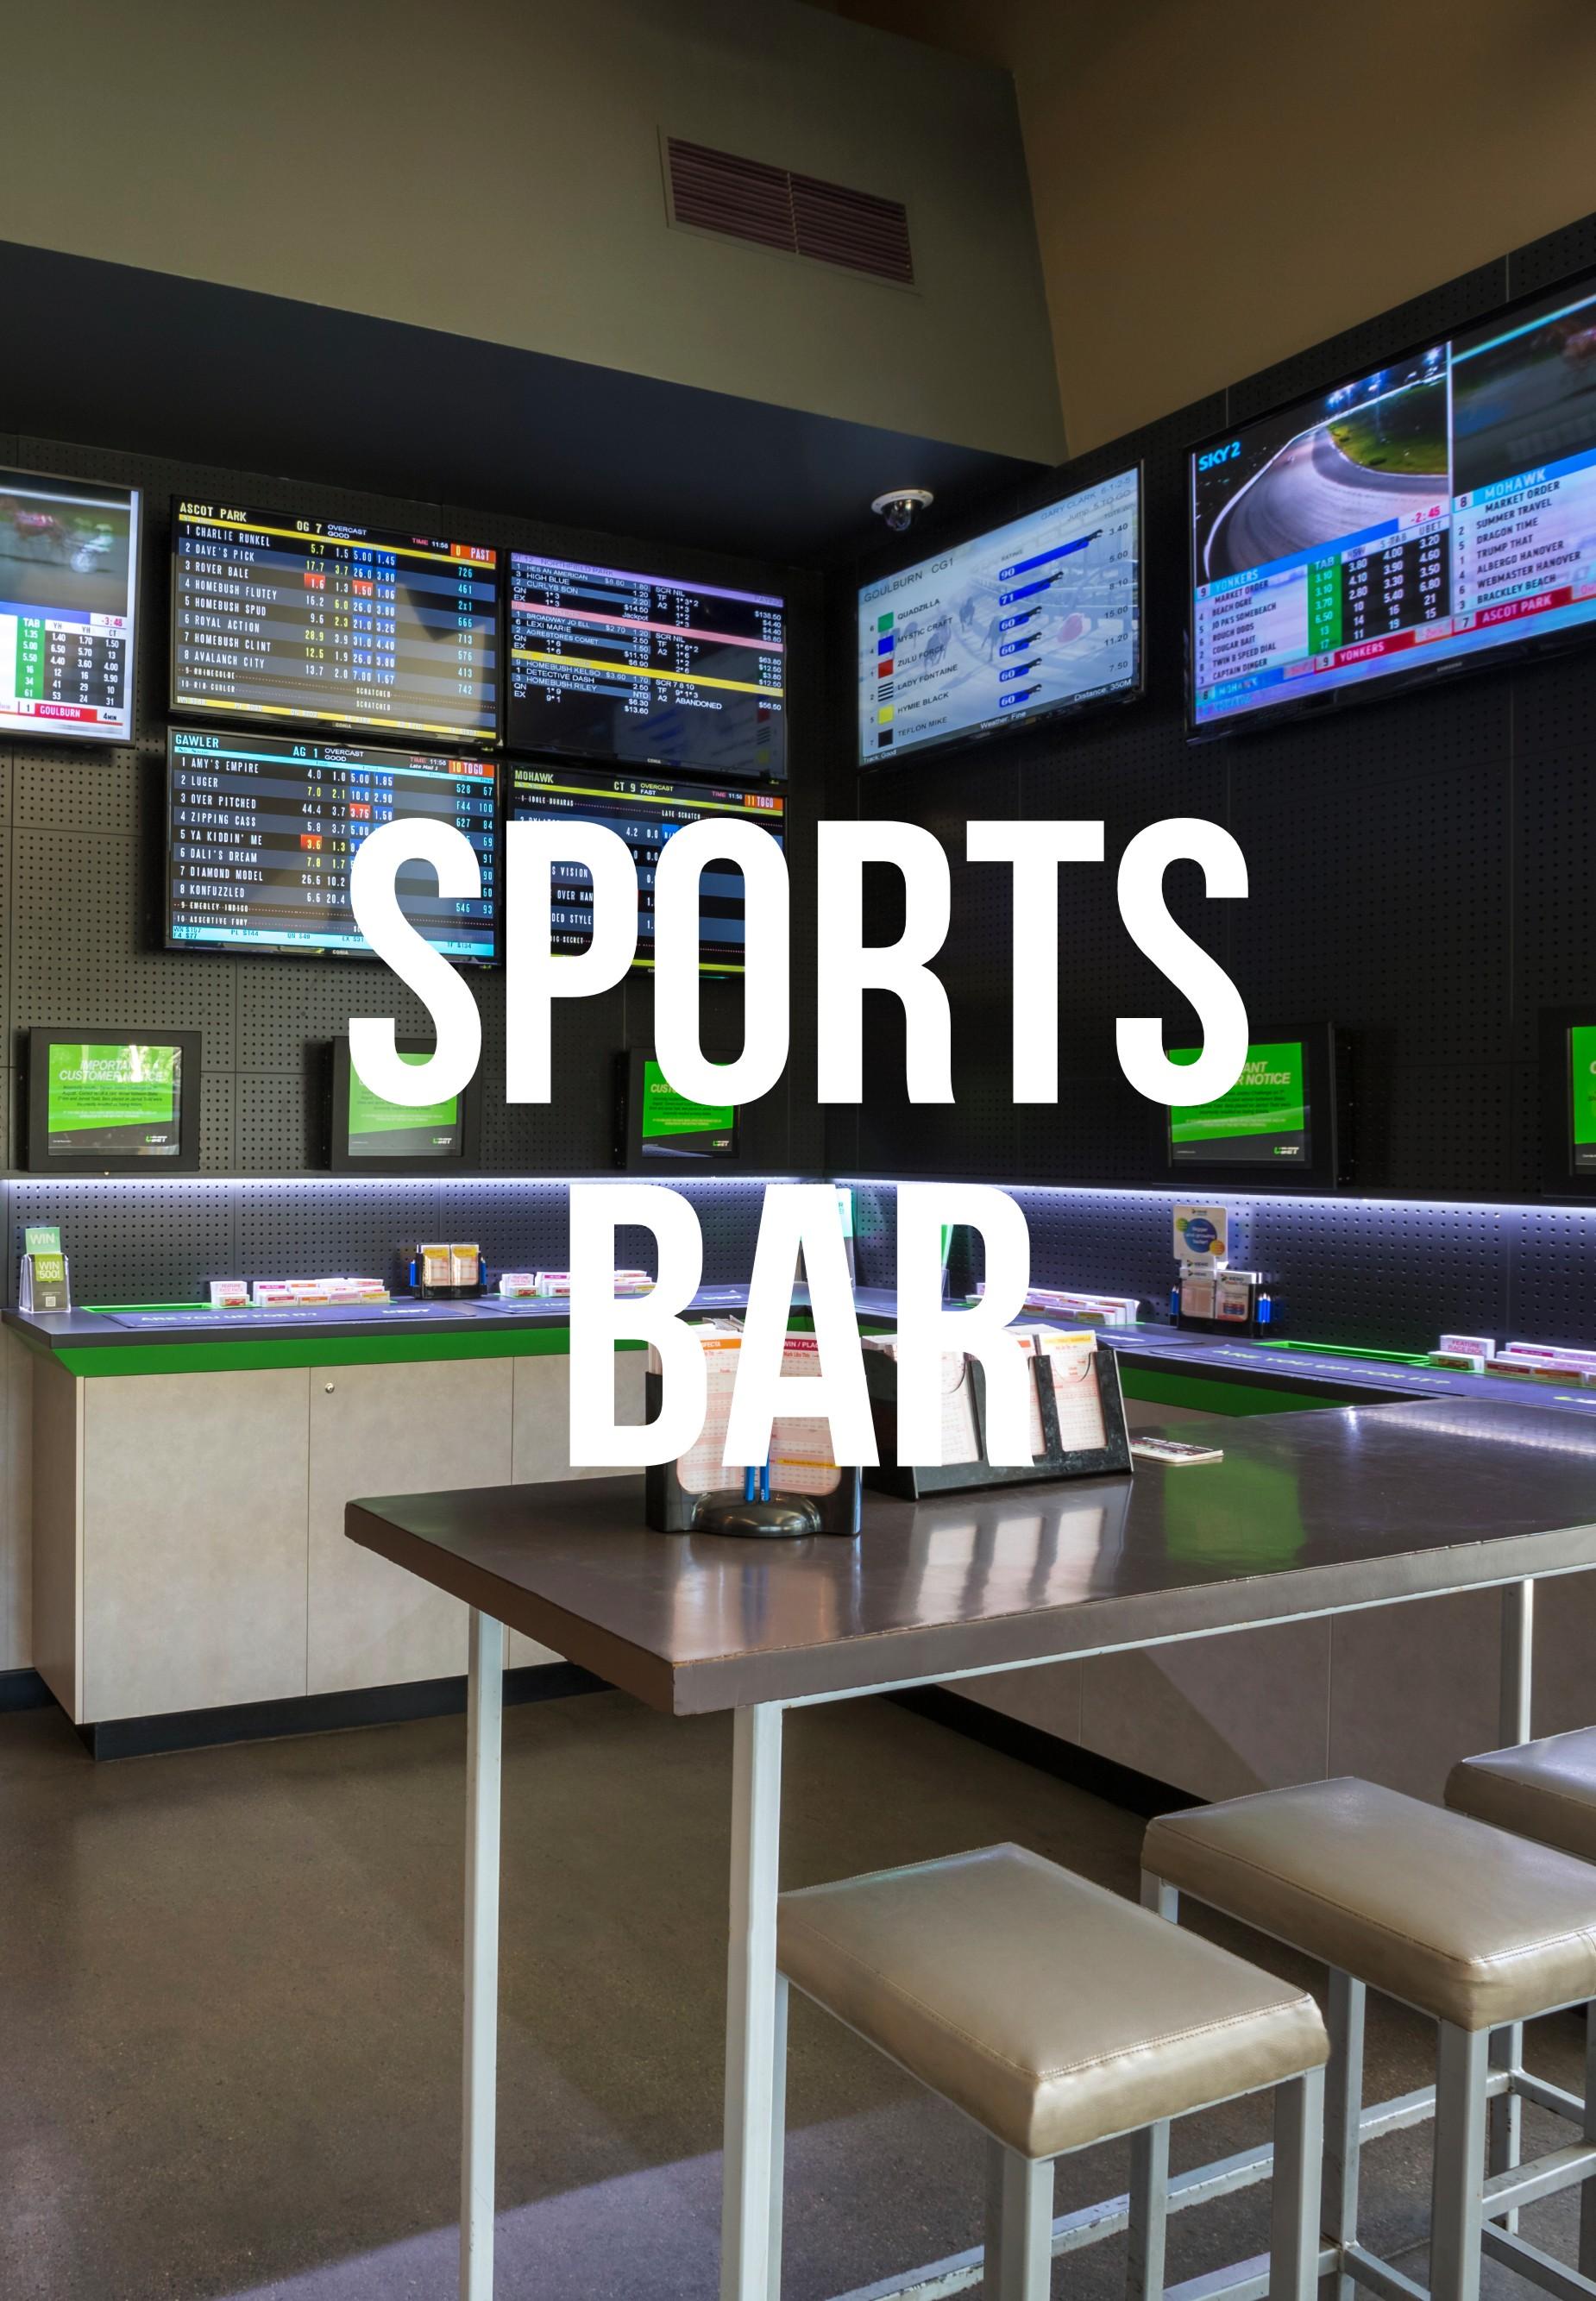 ALH_NORFOLK_TAVERN_2457sports bar.jpg